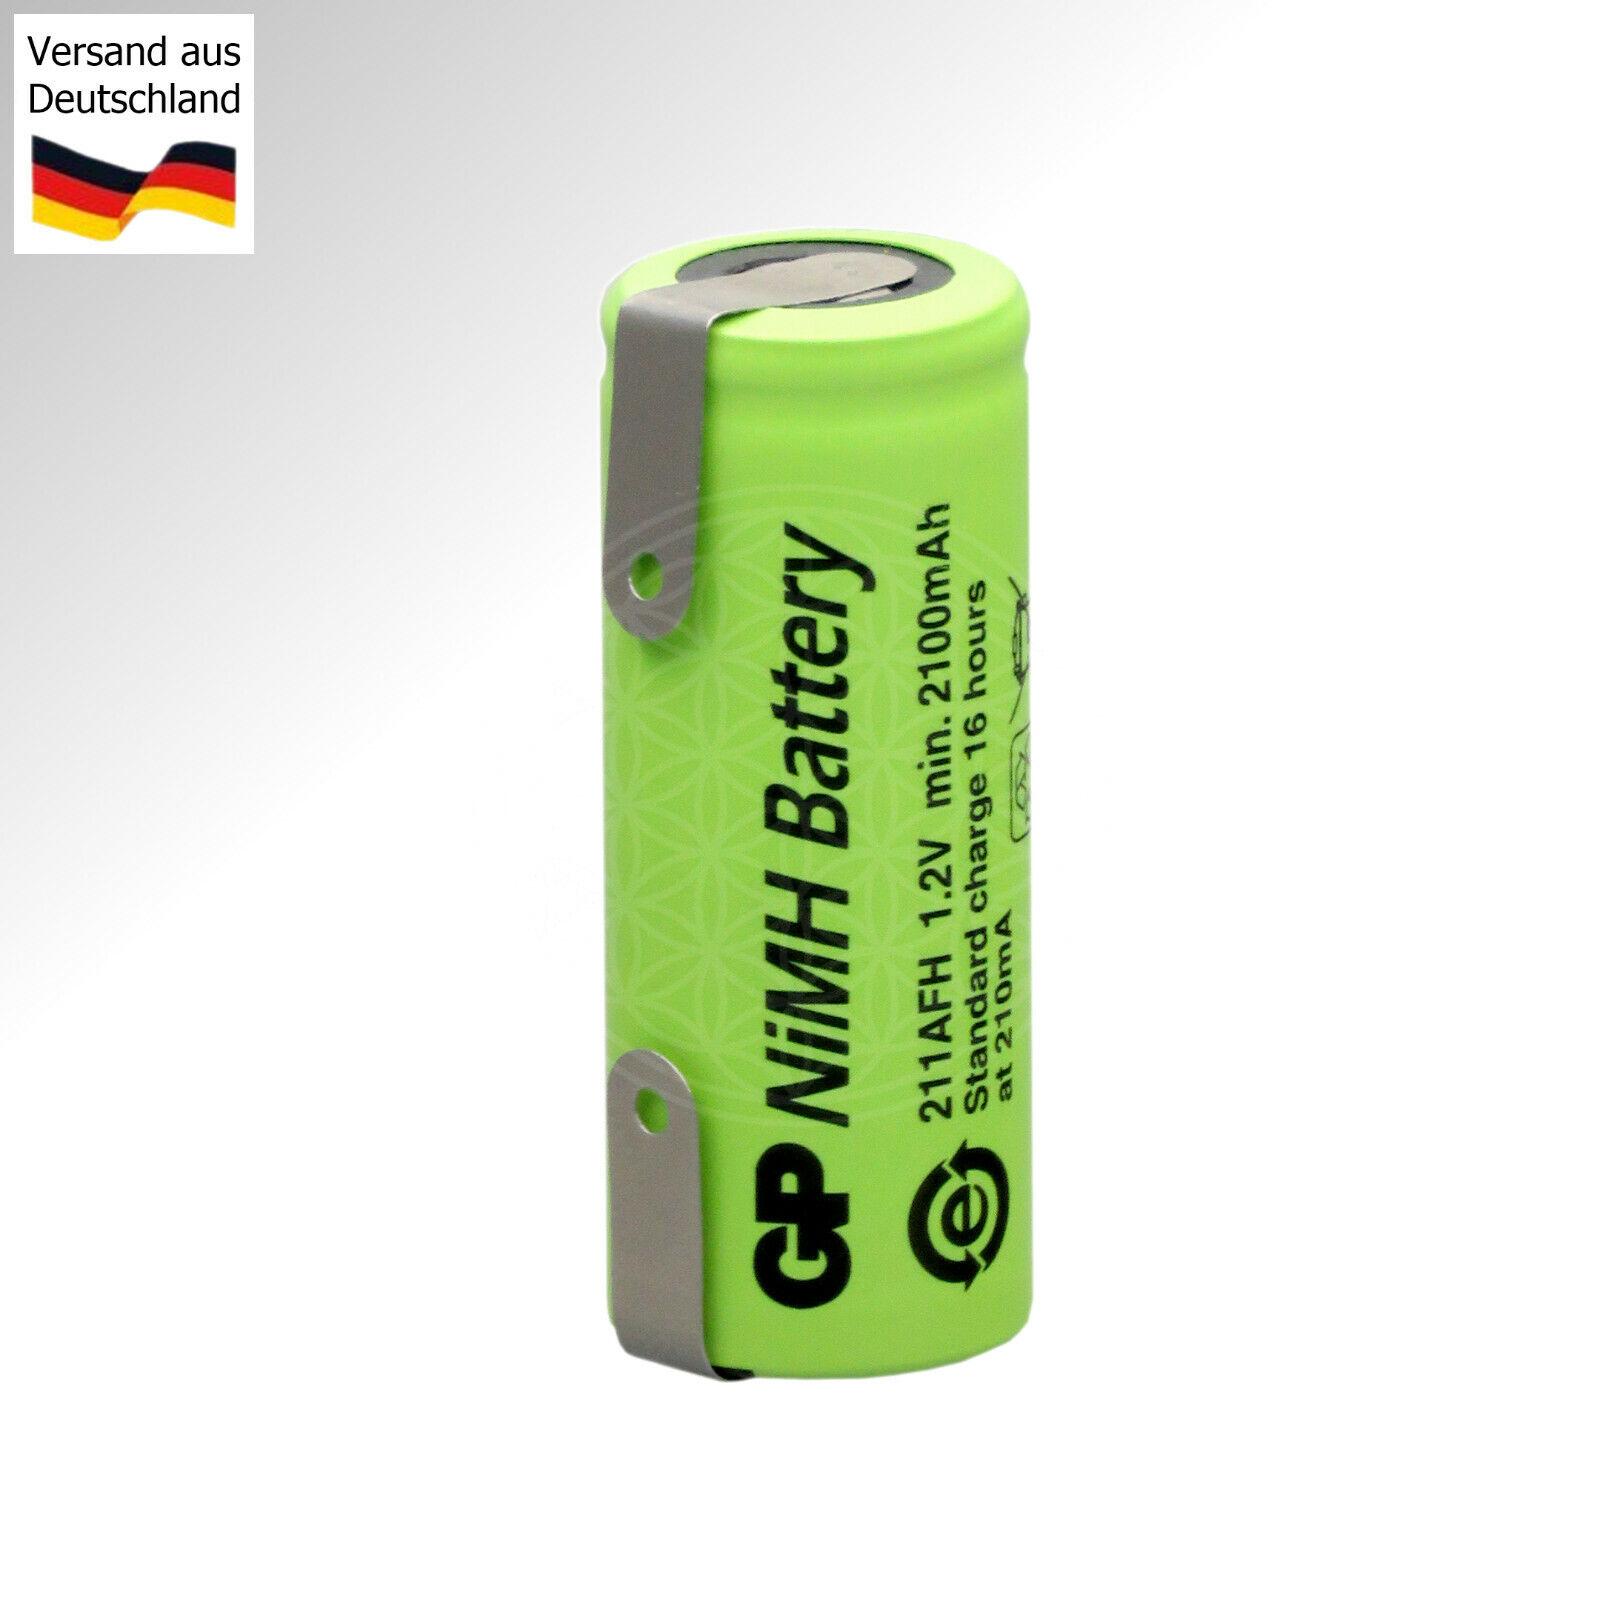 Batterie für Zahnbürste Braun Oral B Triumph v2 Type 3761 3762 3764 3728 42x17mm